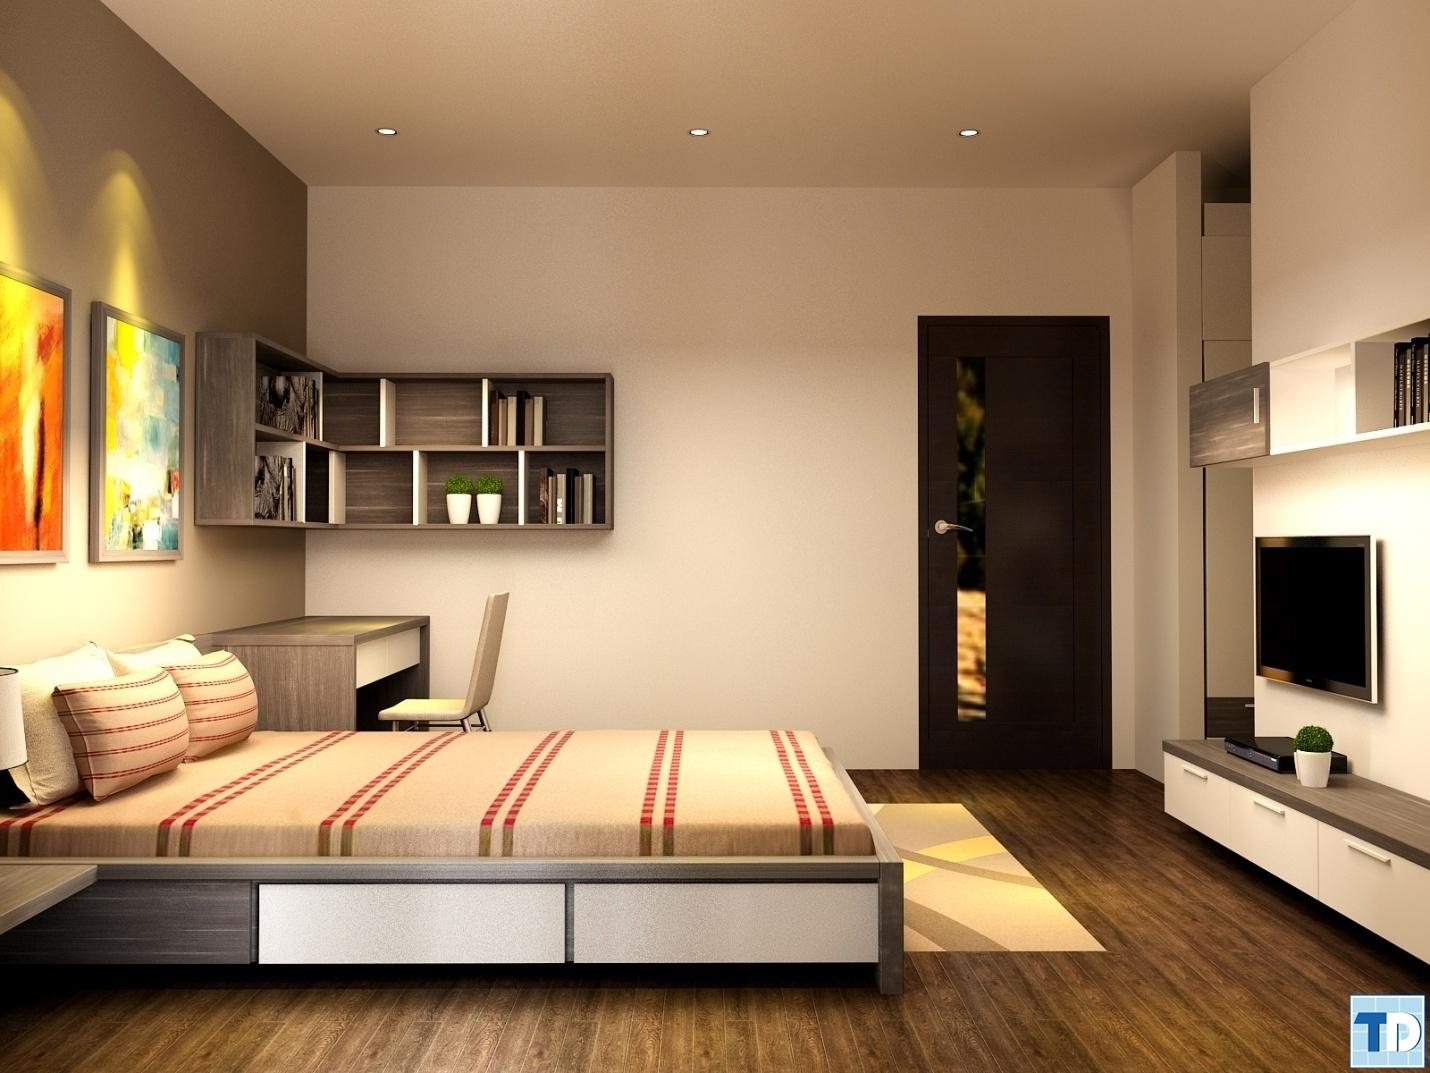 Phòng ngủ hiện đại với thiết kế tối giản